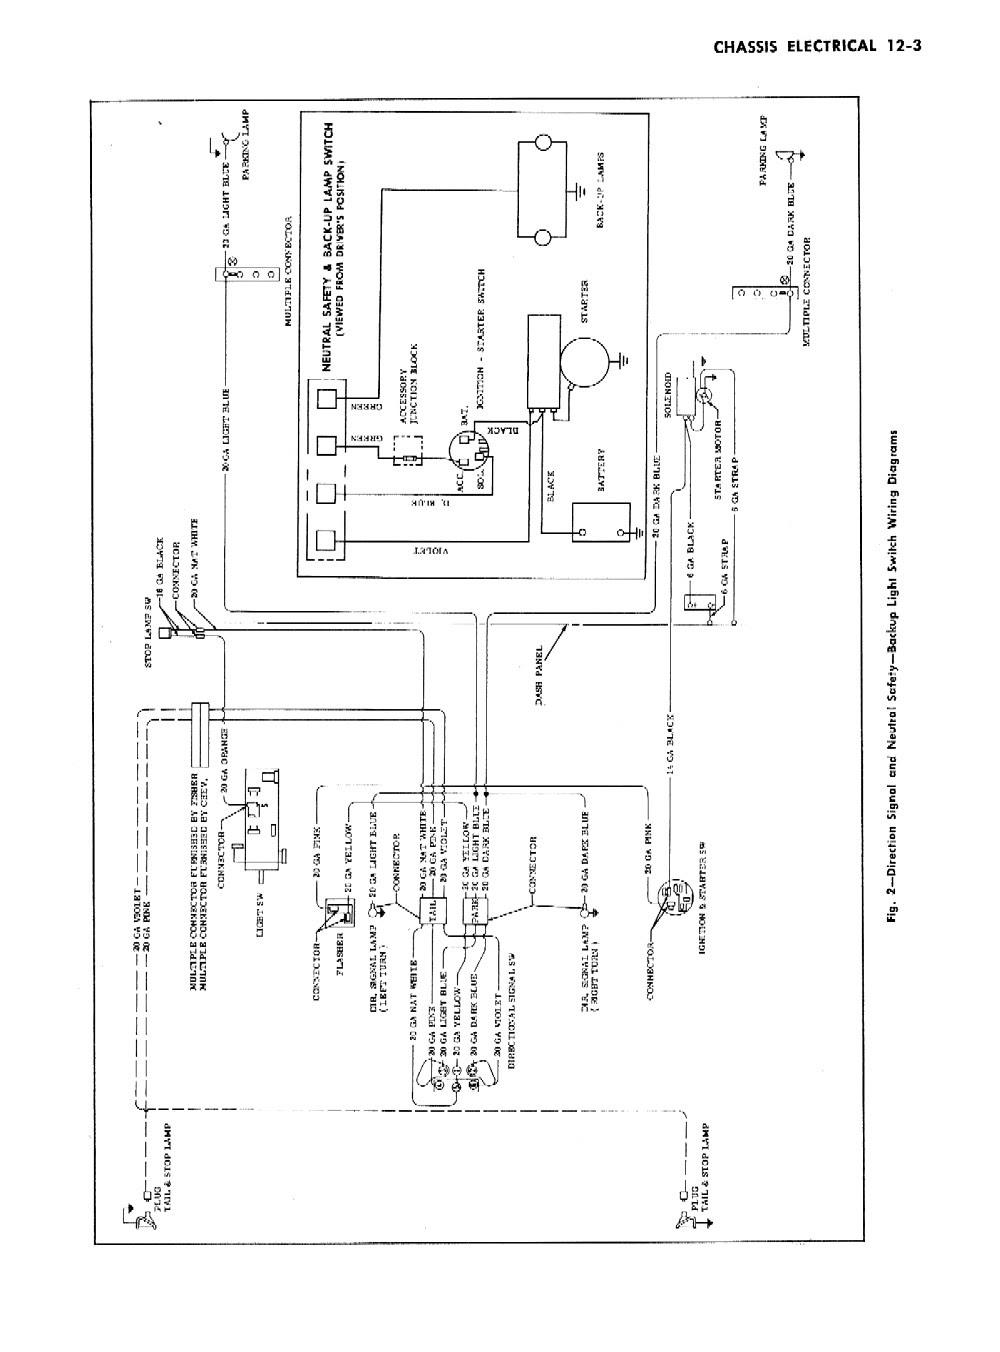 2010 Camaro Console Wiring Diagram Wiring Diagram Corsa C Corsa C Pasticceriagele It